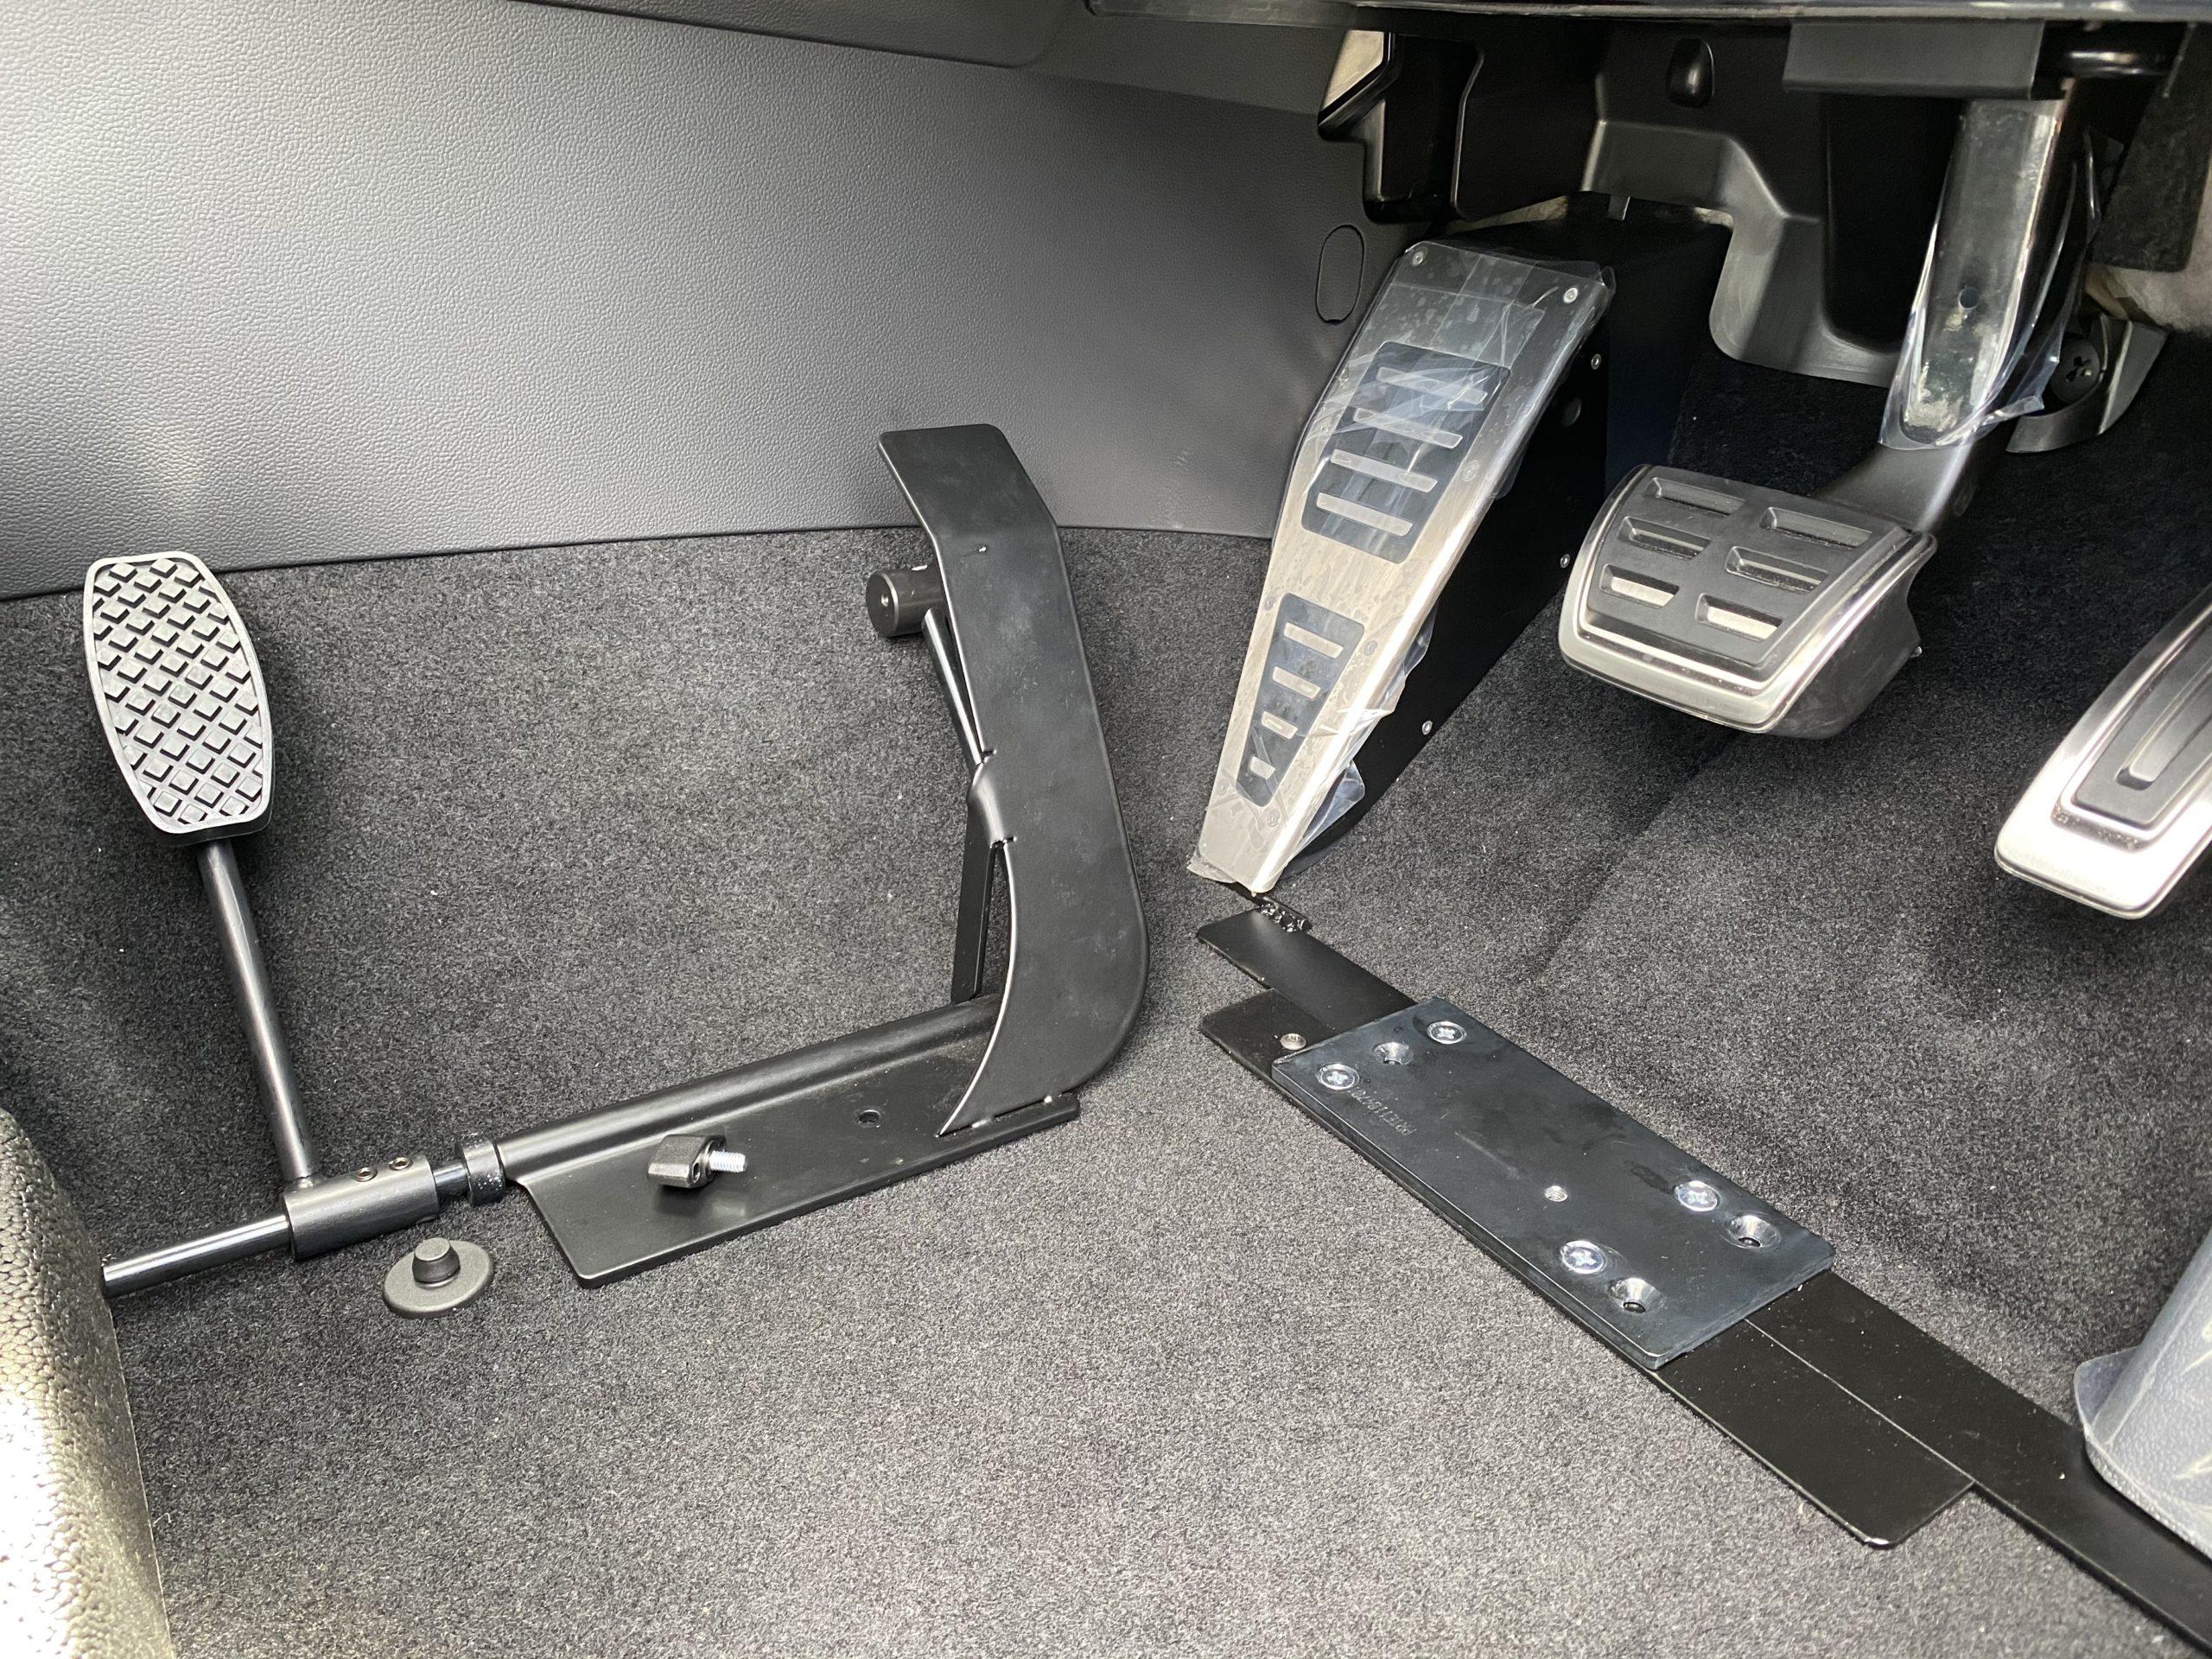 福祉車両改造 フォルクスワーゲン パサート 左足アクセル 福祉車両への改造 ⑧